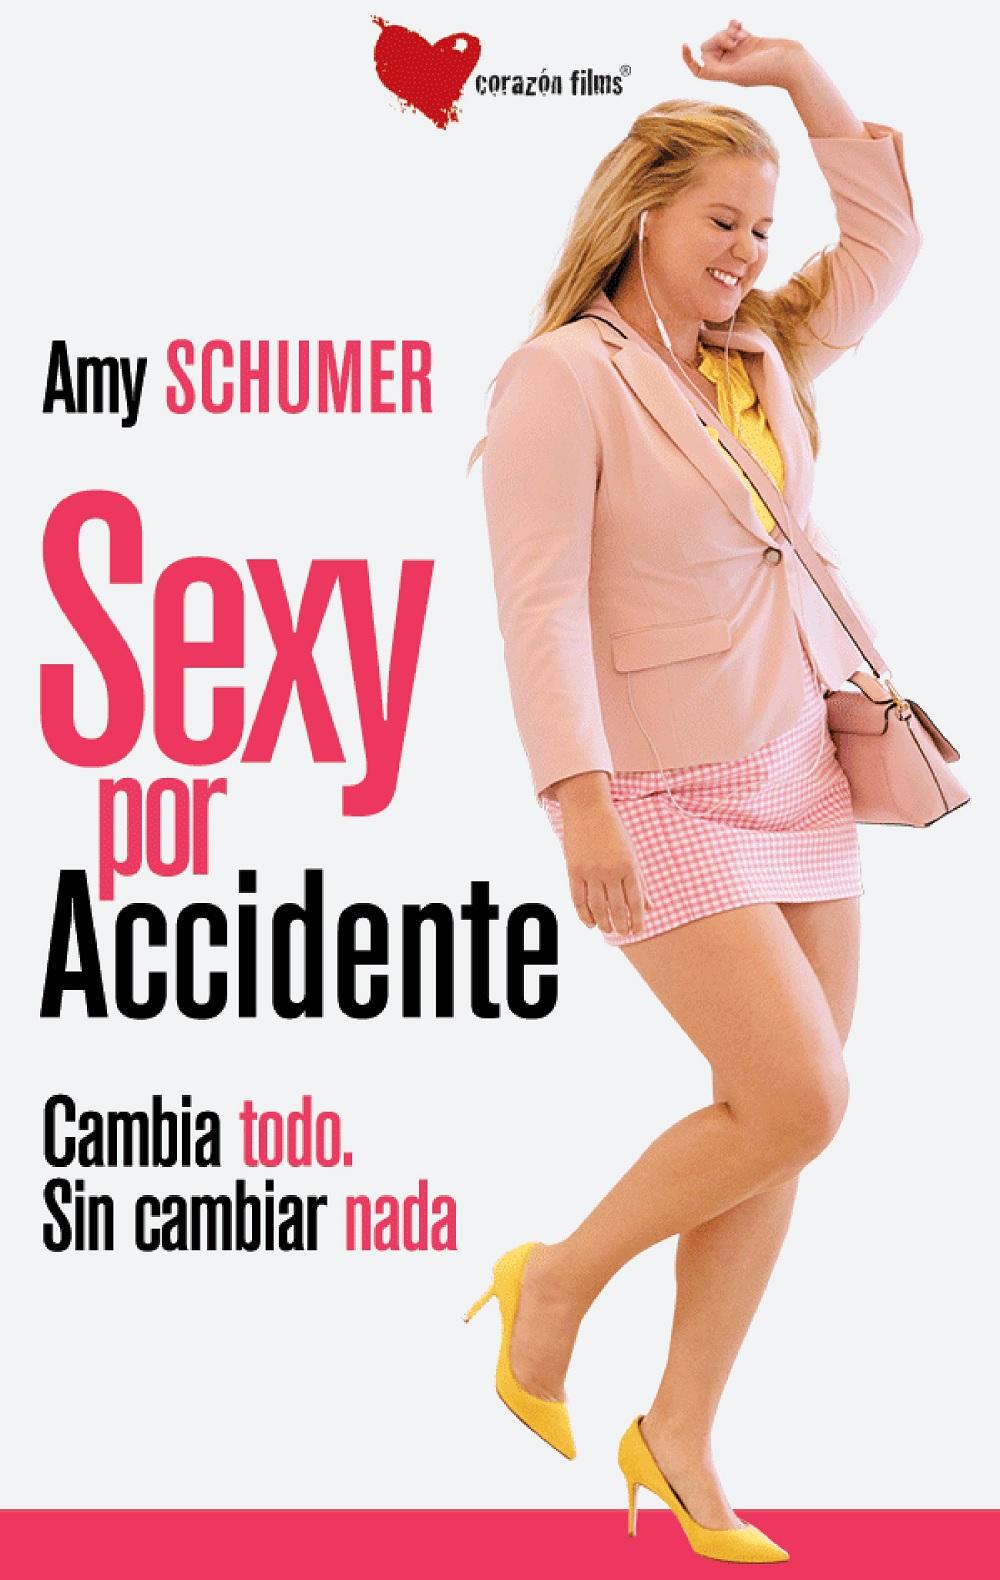 #DateAlaFuga #Cortesías / Sexy por accidente: la película más sensual del año / Estreno: 1 de junio